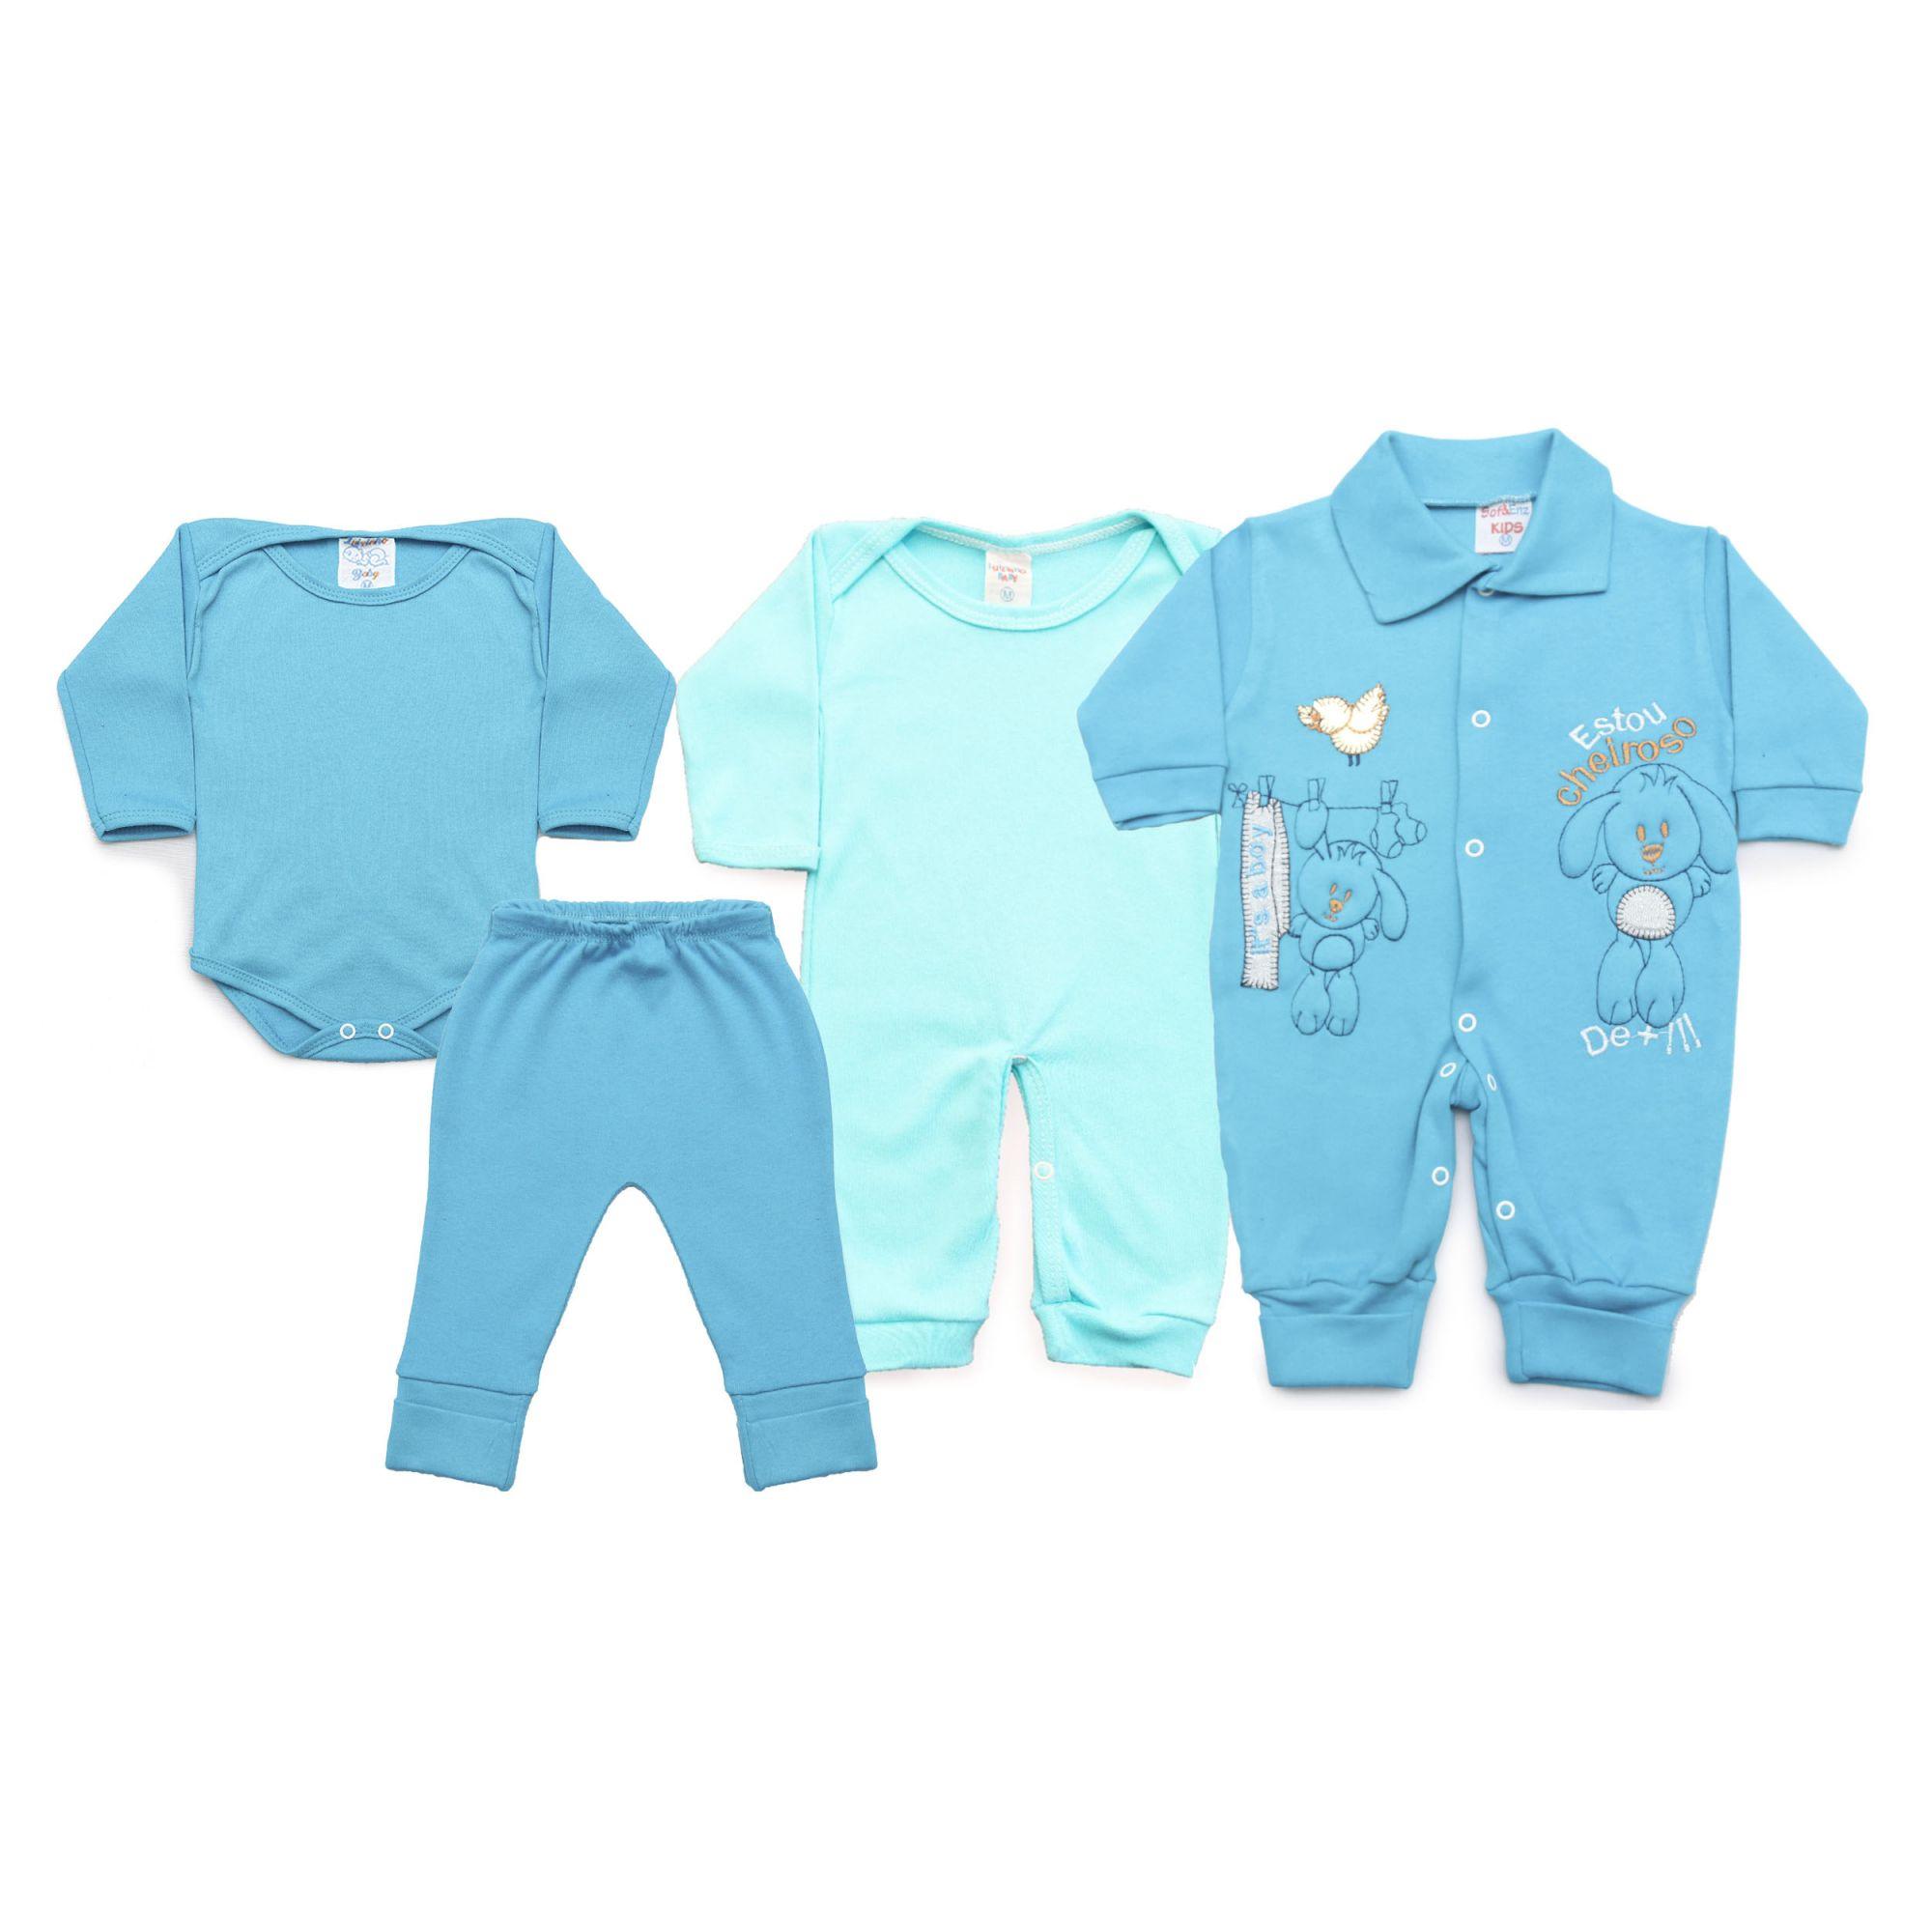 Kit Bebê com 4 Peças Menino Azul